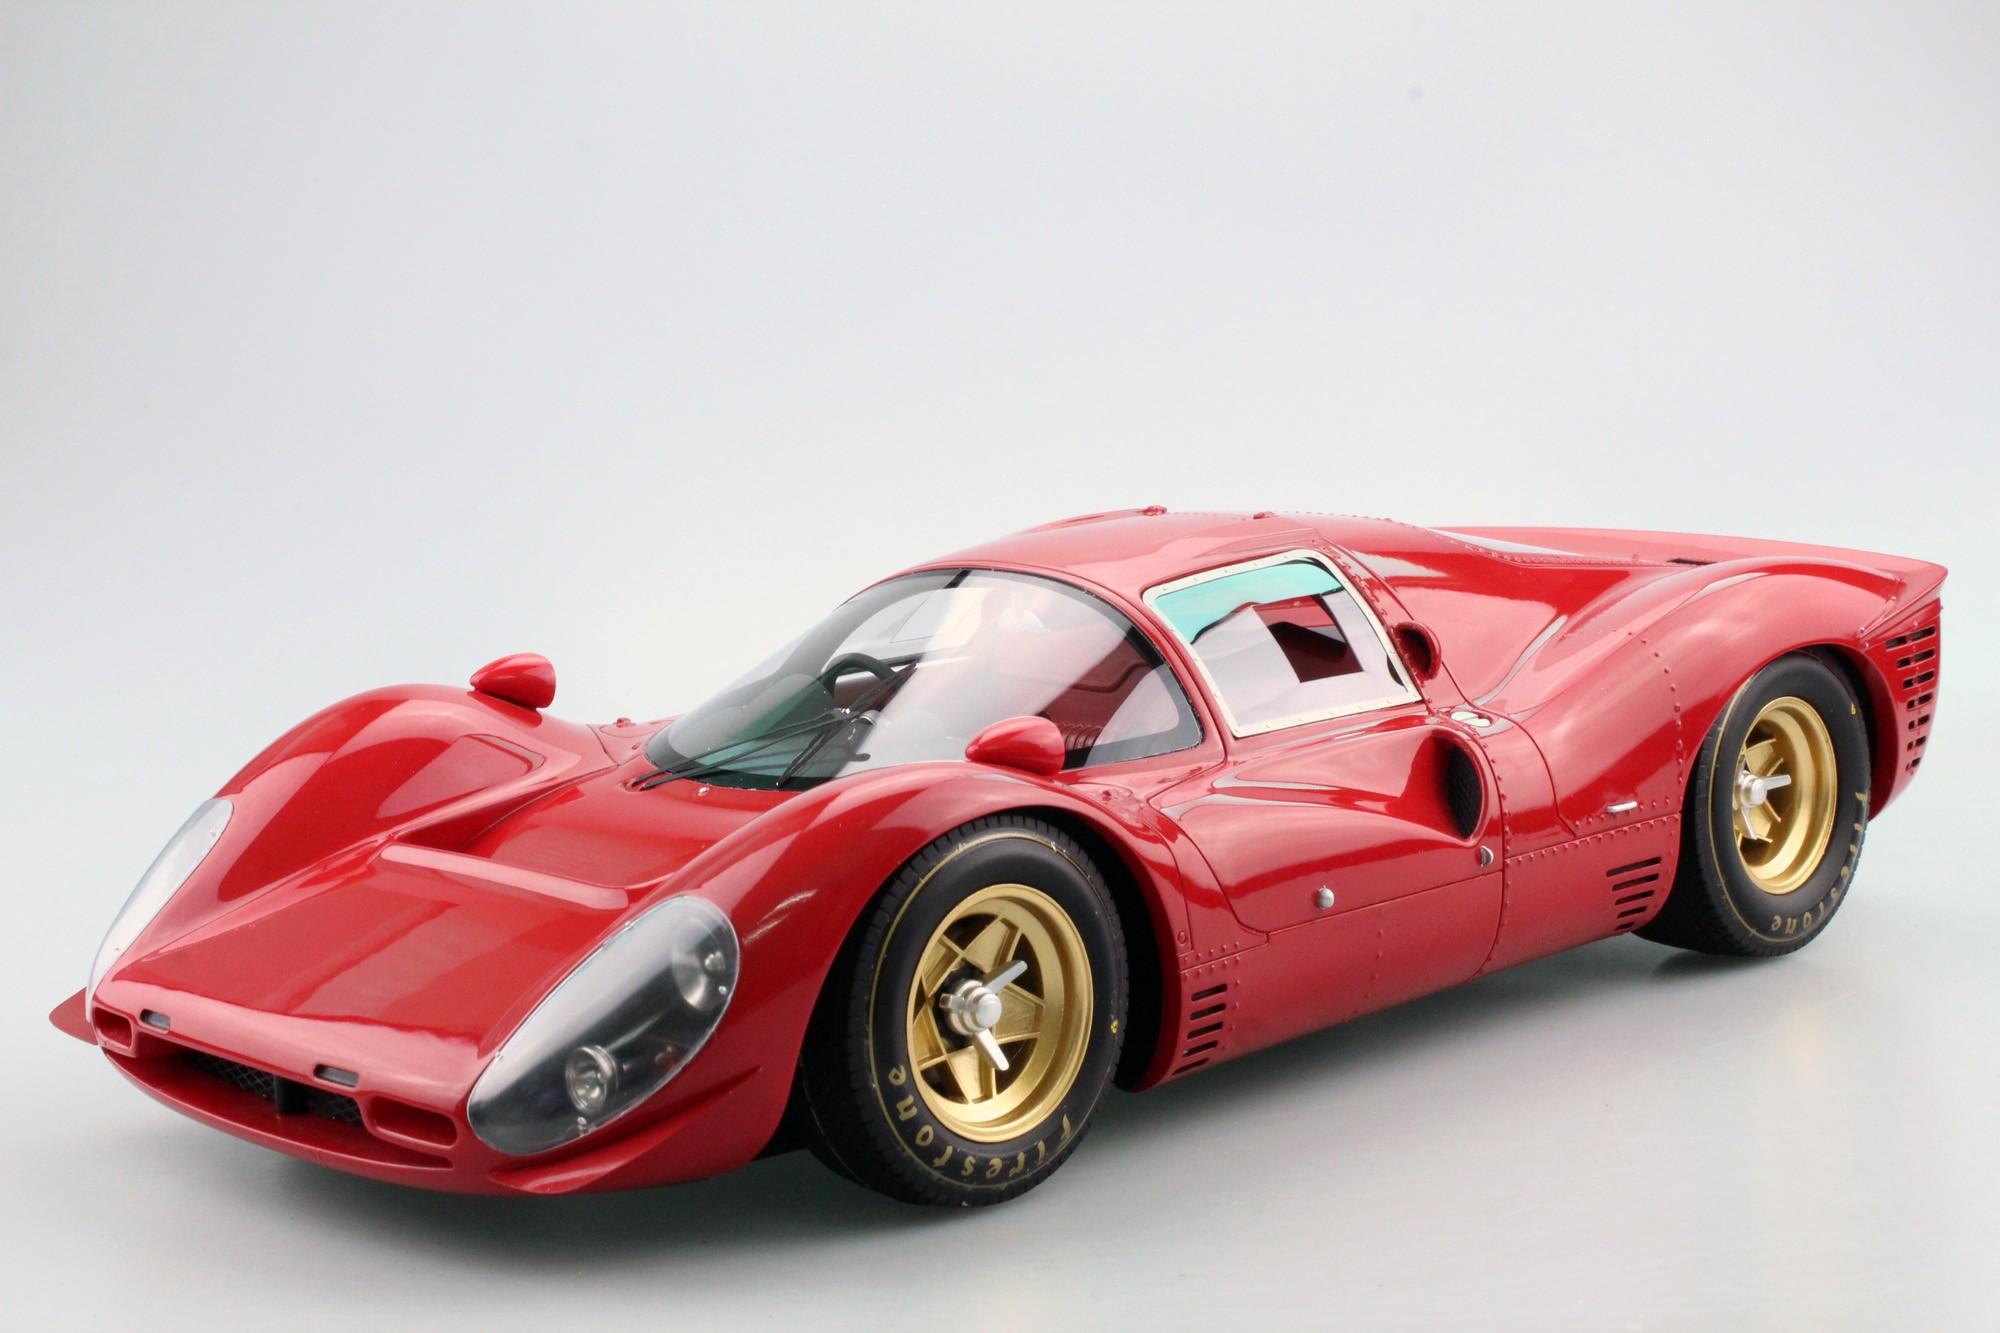 Gp Replicas Ferrari 330 P4 Plain Red 1 12 Red Gp12 09d